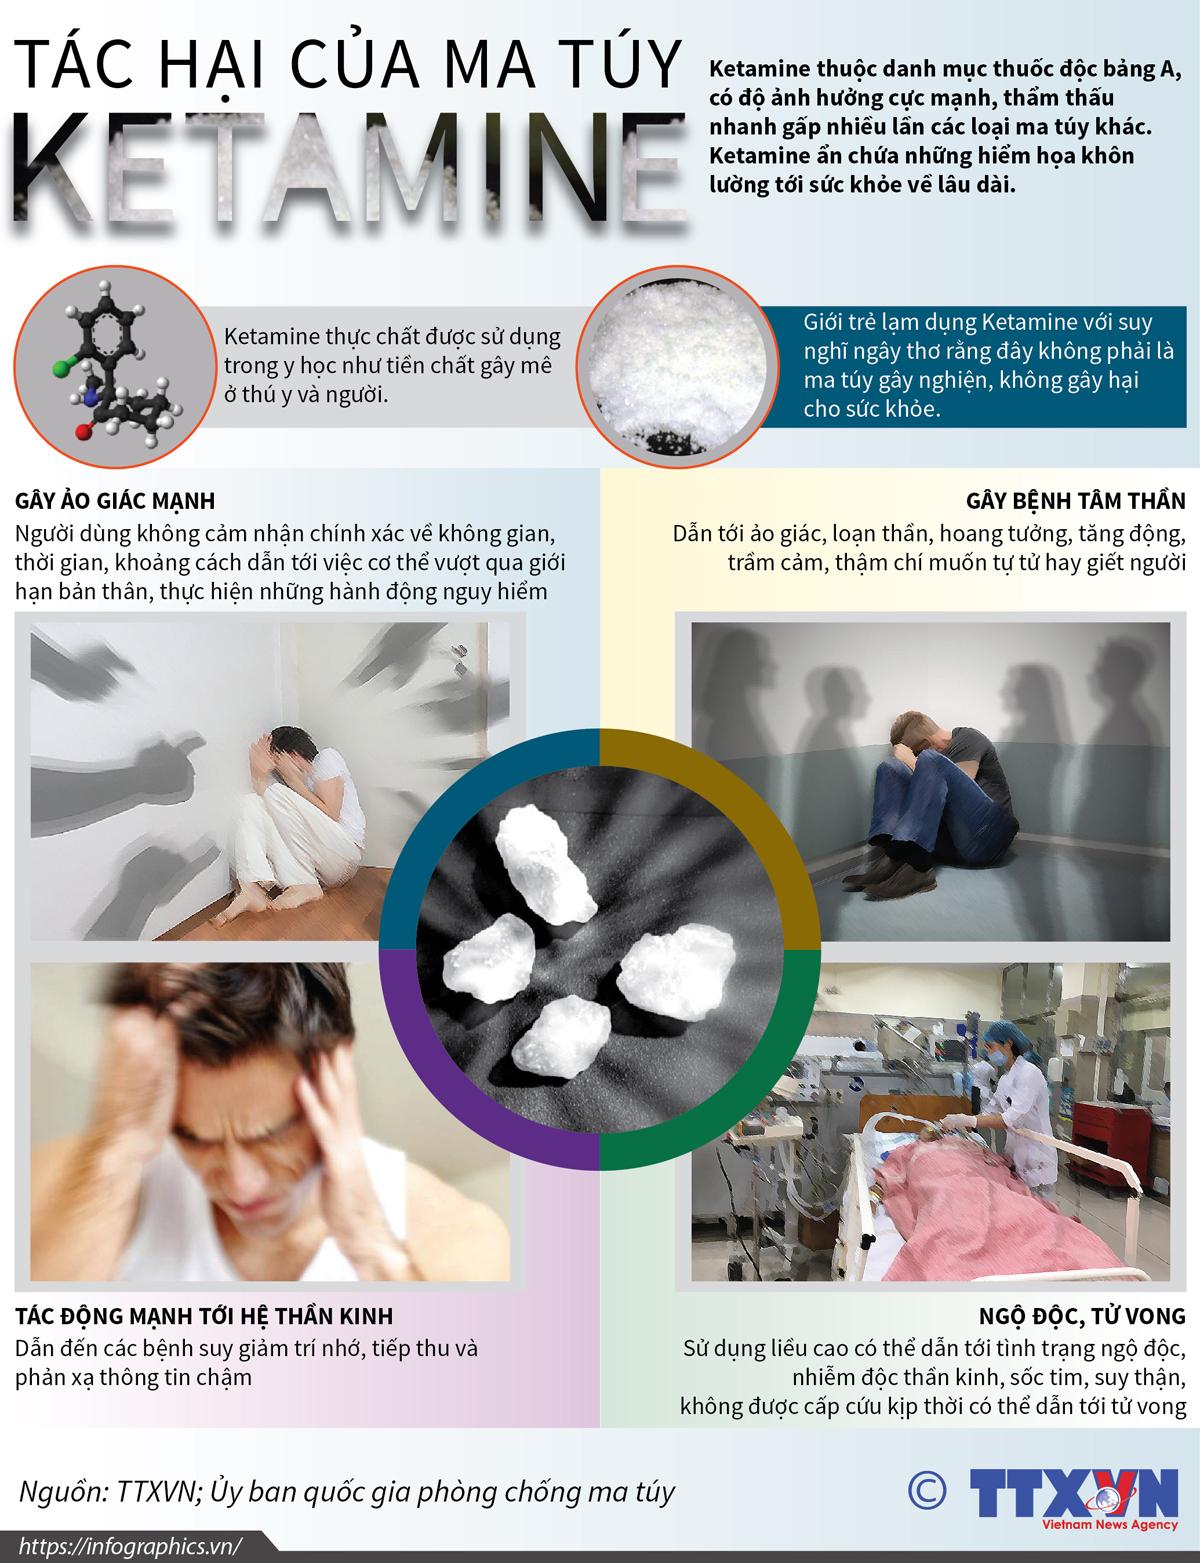 y tế cộng đồng, tác hại ma túy, ketamine